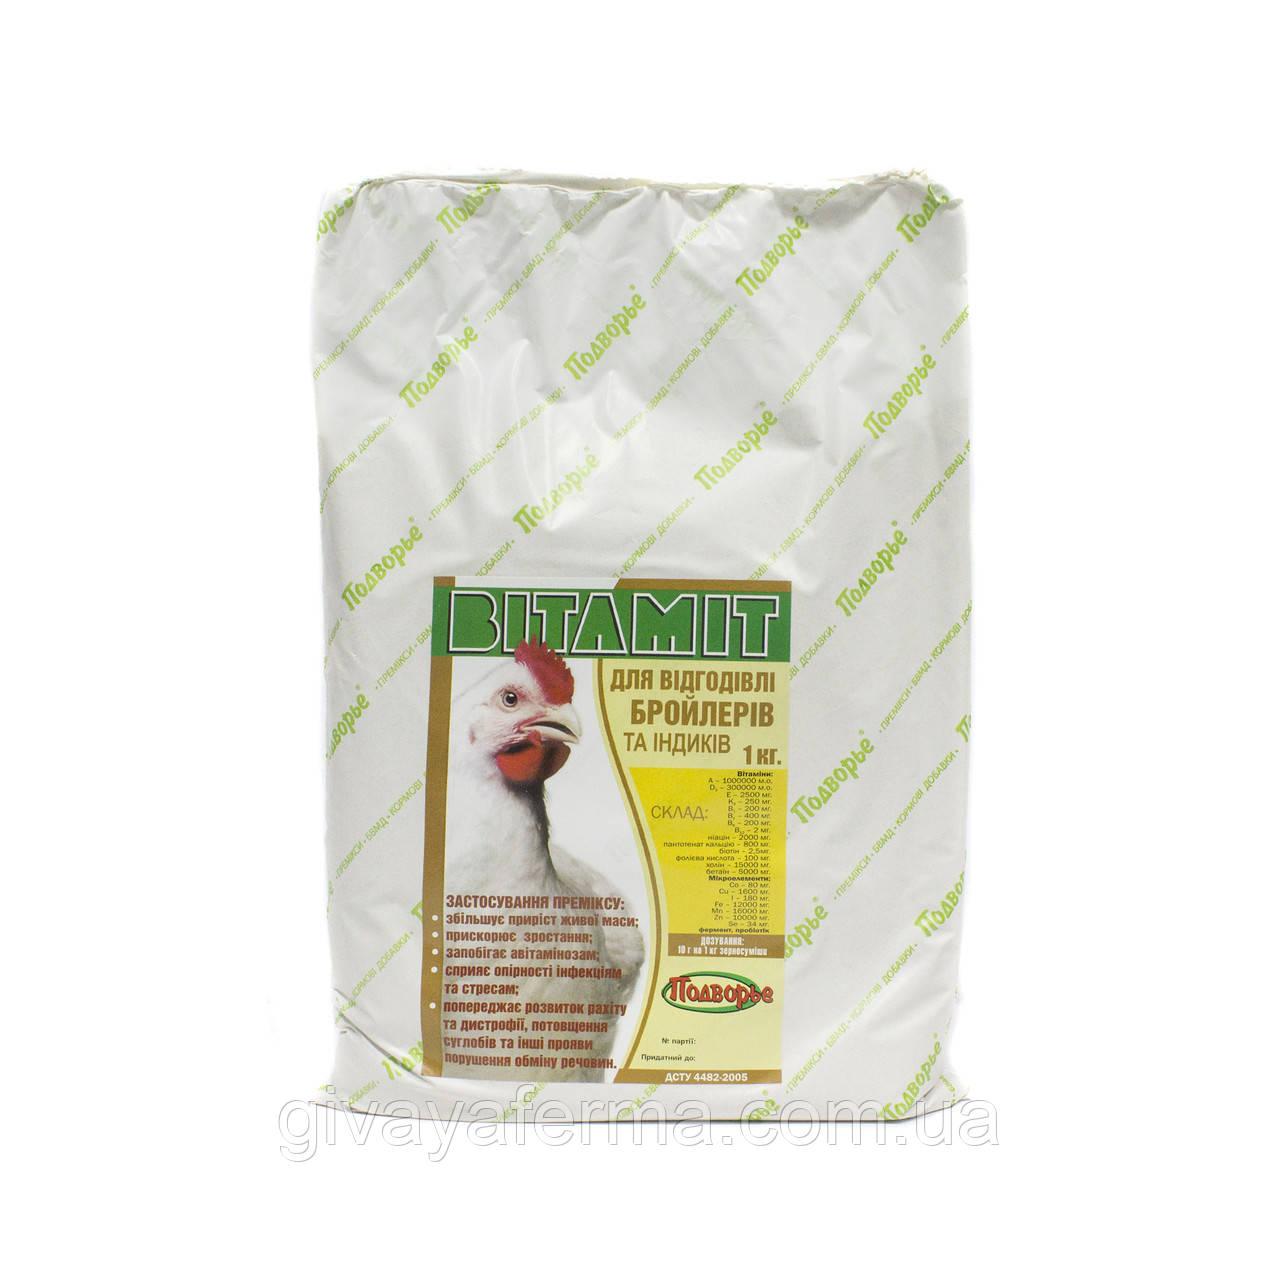 Премикс Витамит- бройлер откорм 1%, 1 кг, витаминно-минеральный комплекс